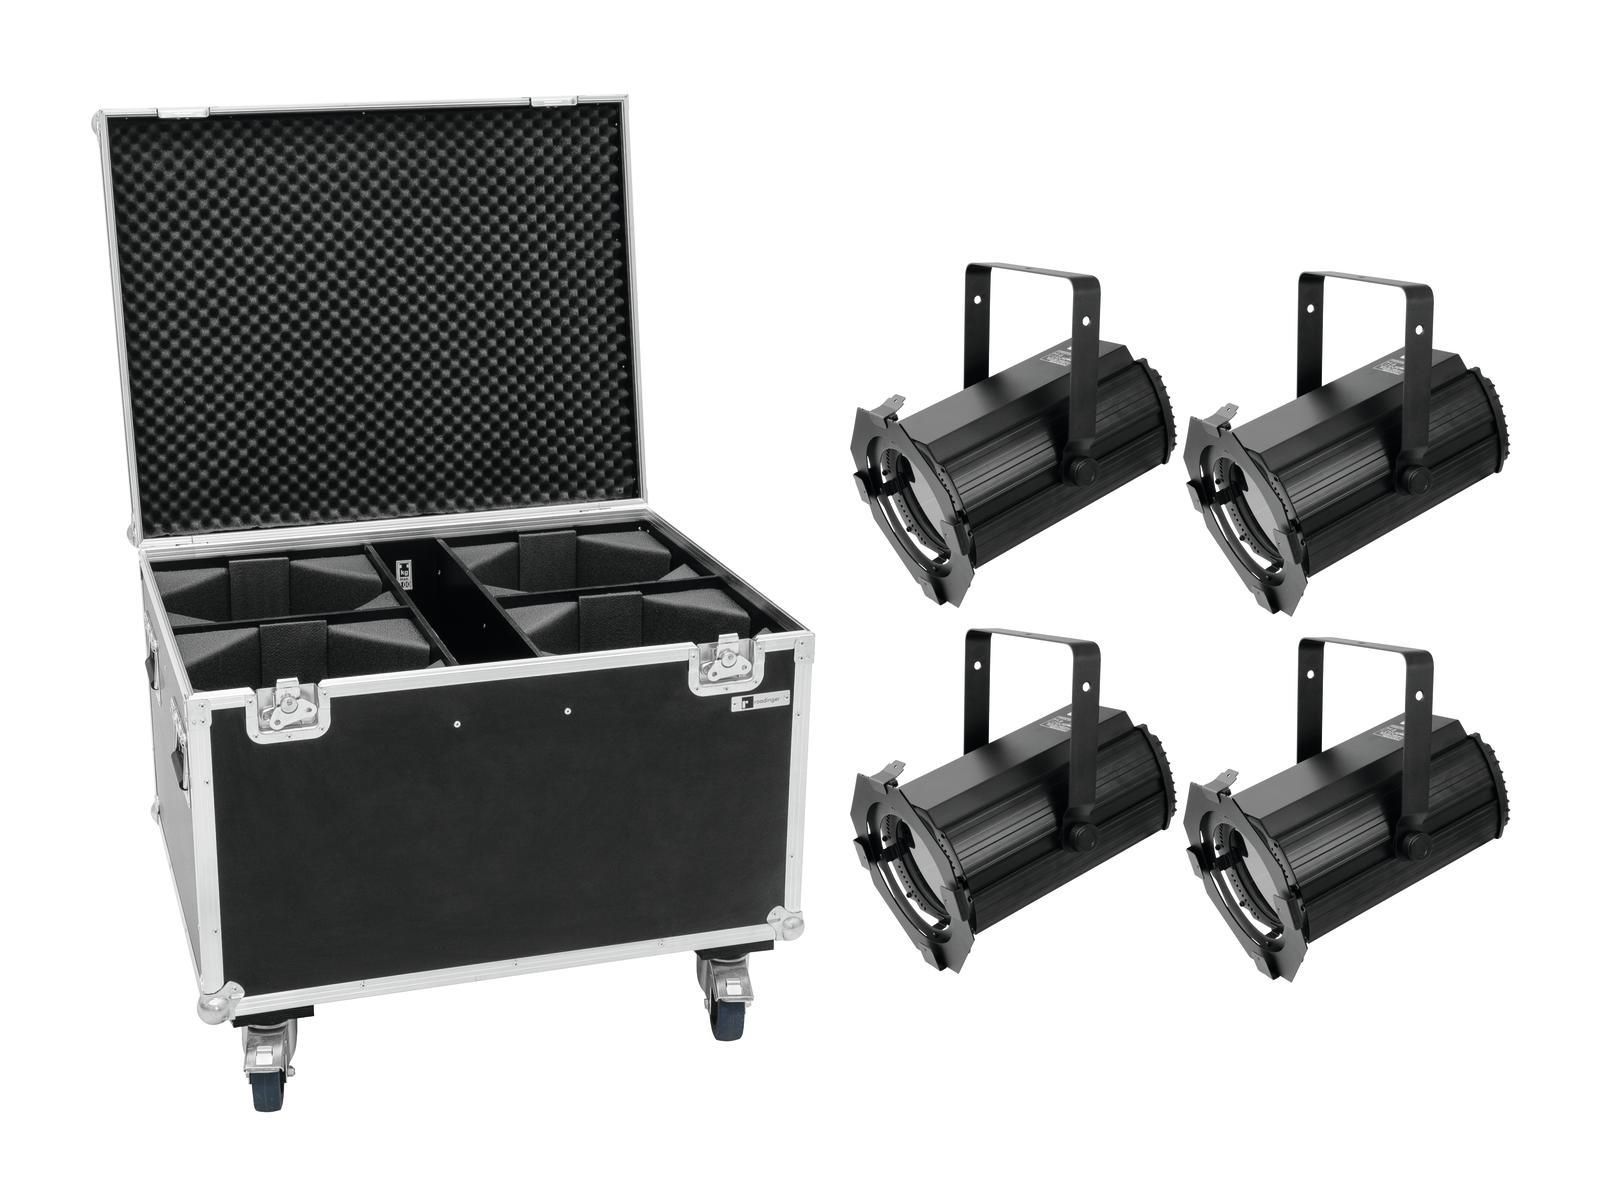 EUROLITE Set 4x LED THA-100F MK2 Theater-Spot + Case